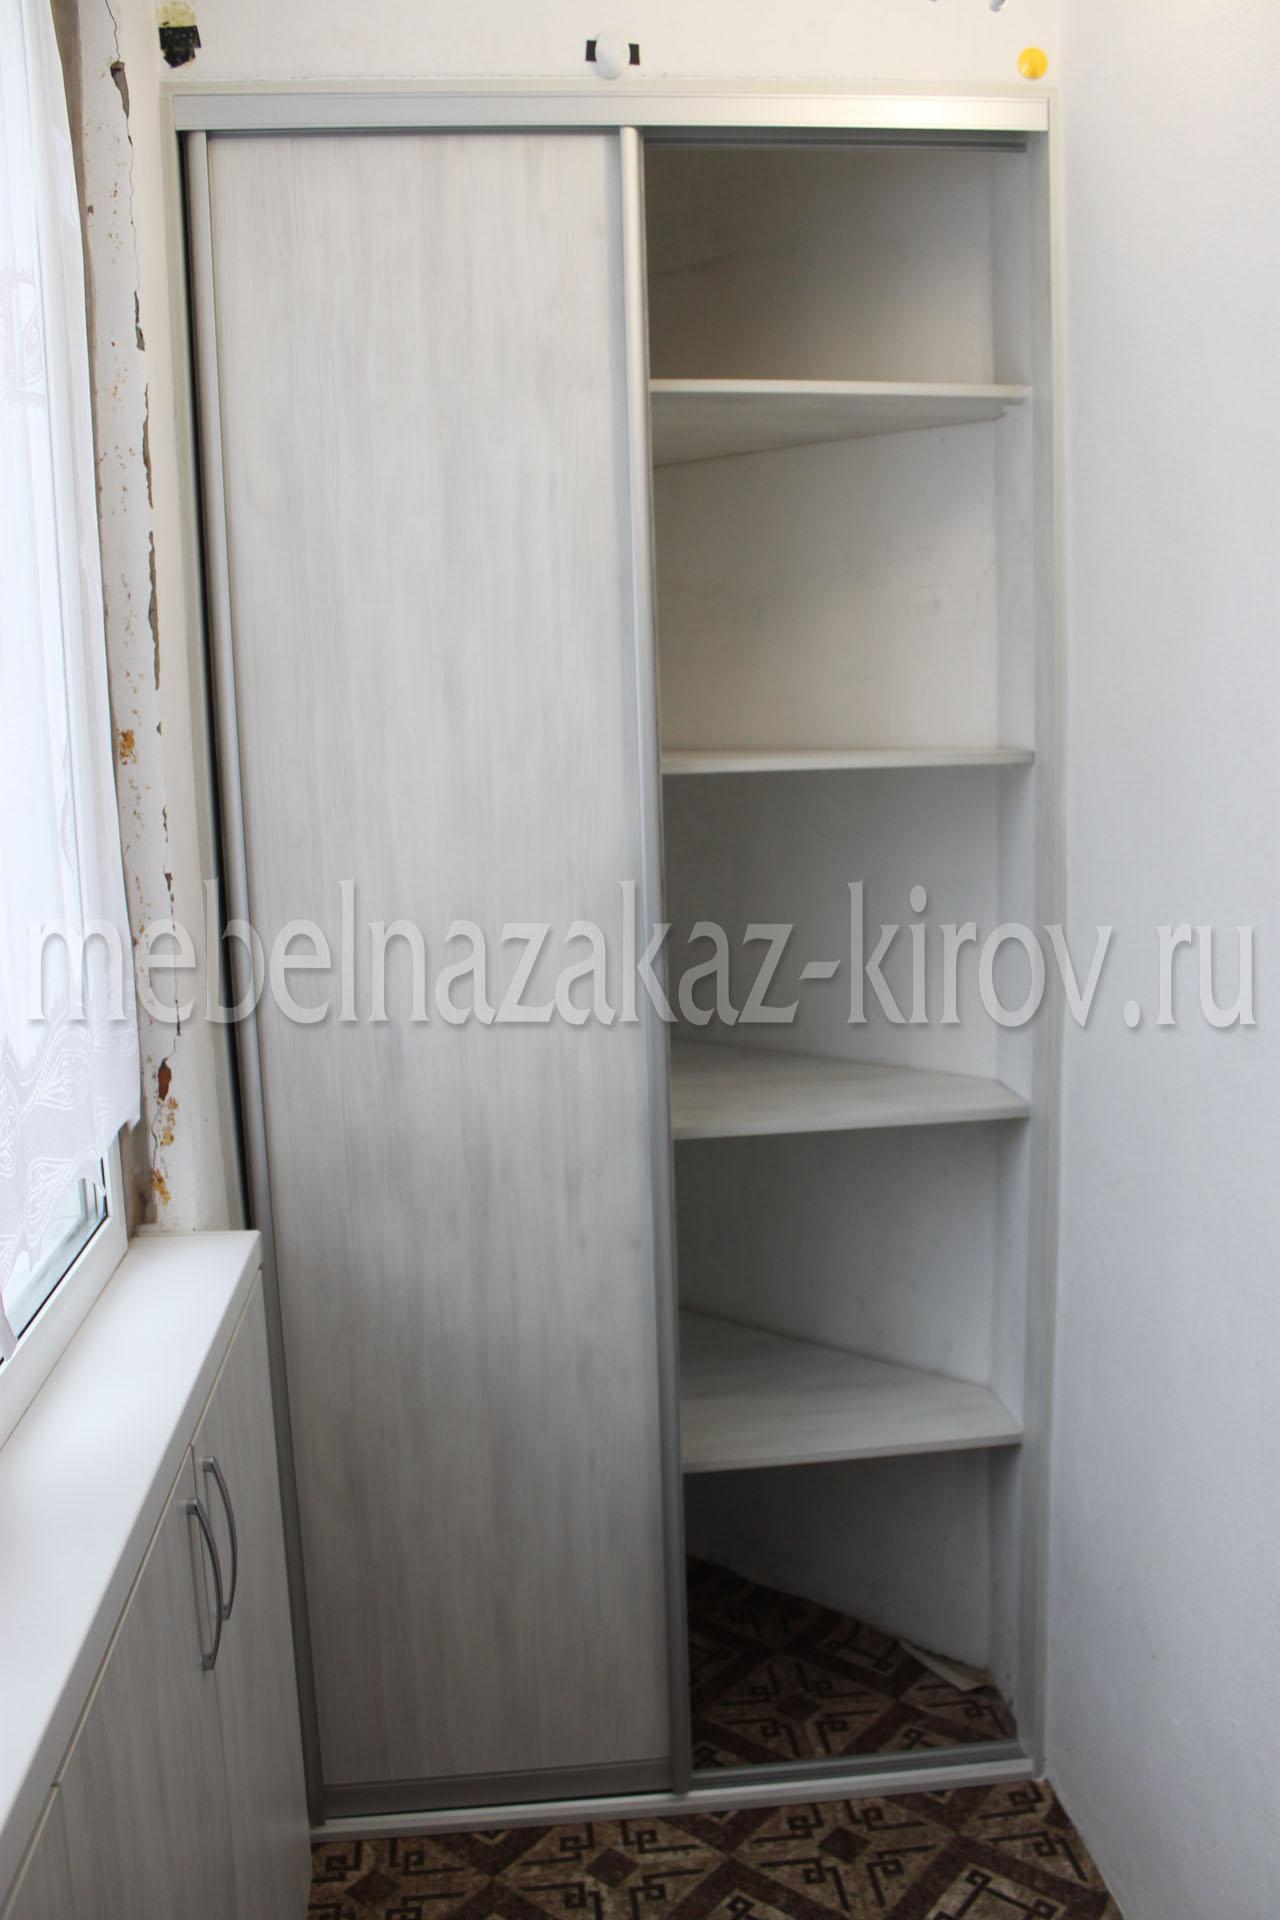 Корпусная мебель на заказ на балкон мебель киров доктор мебе.